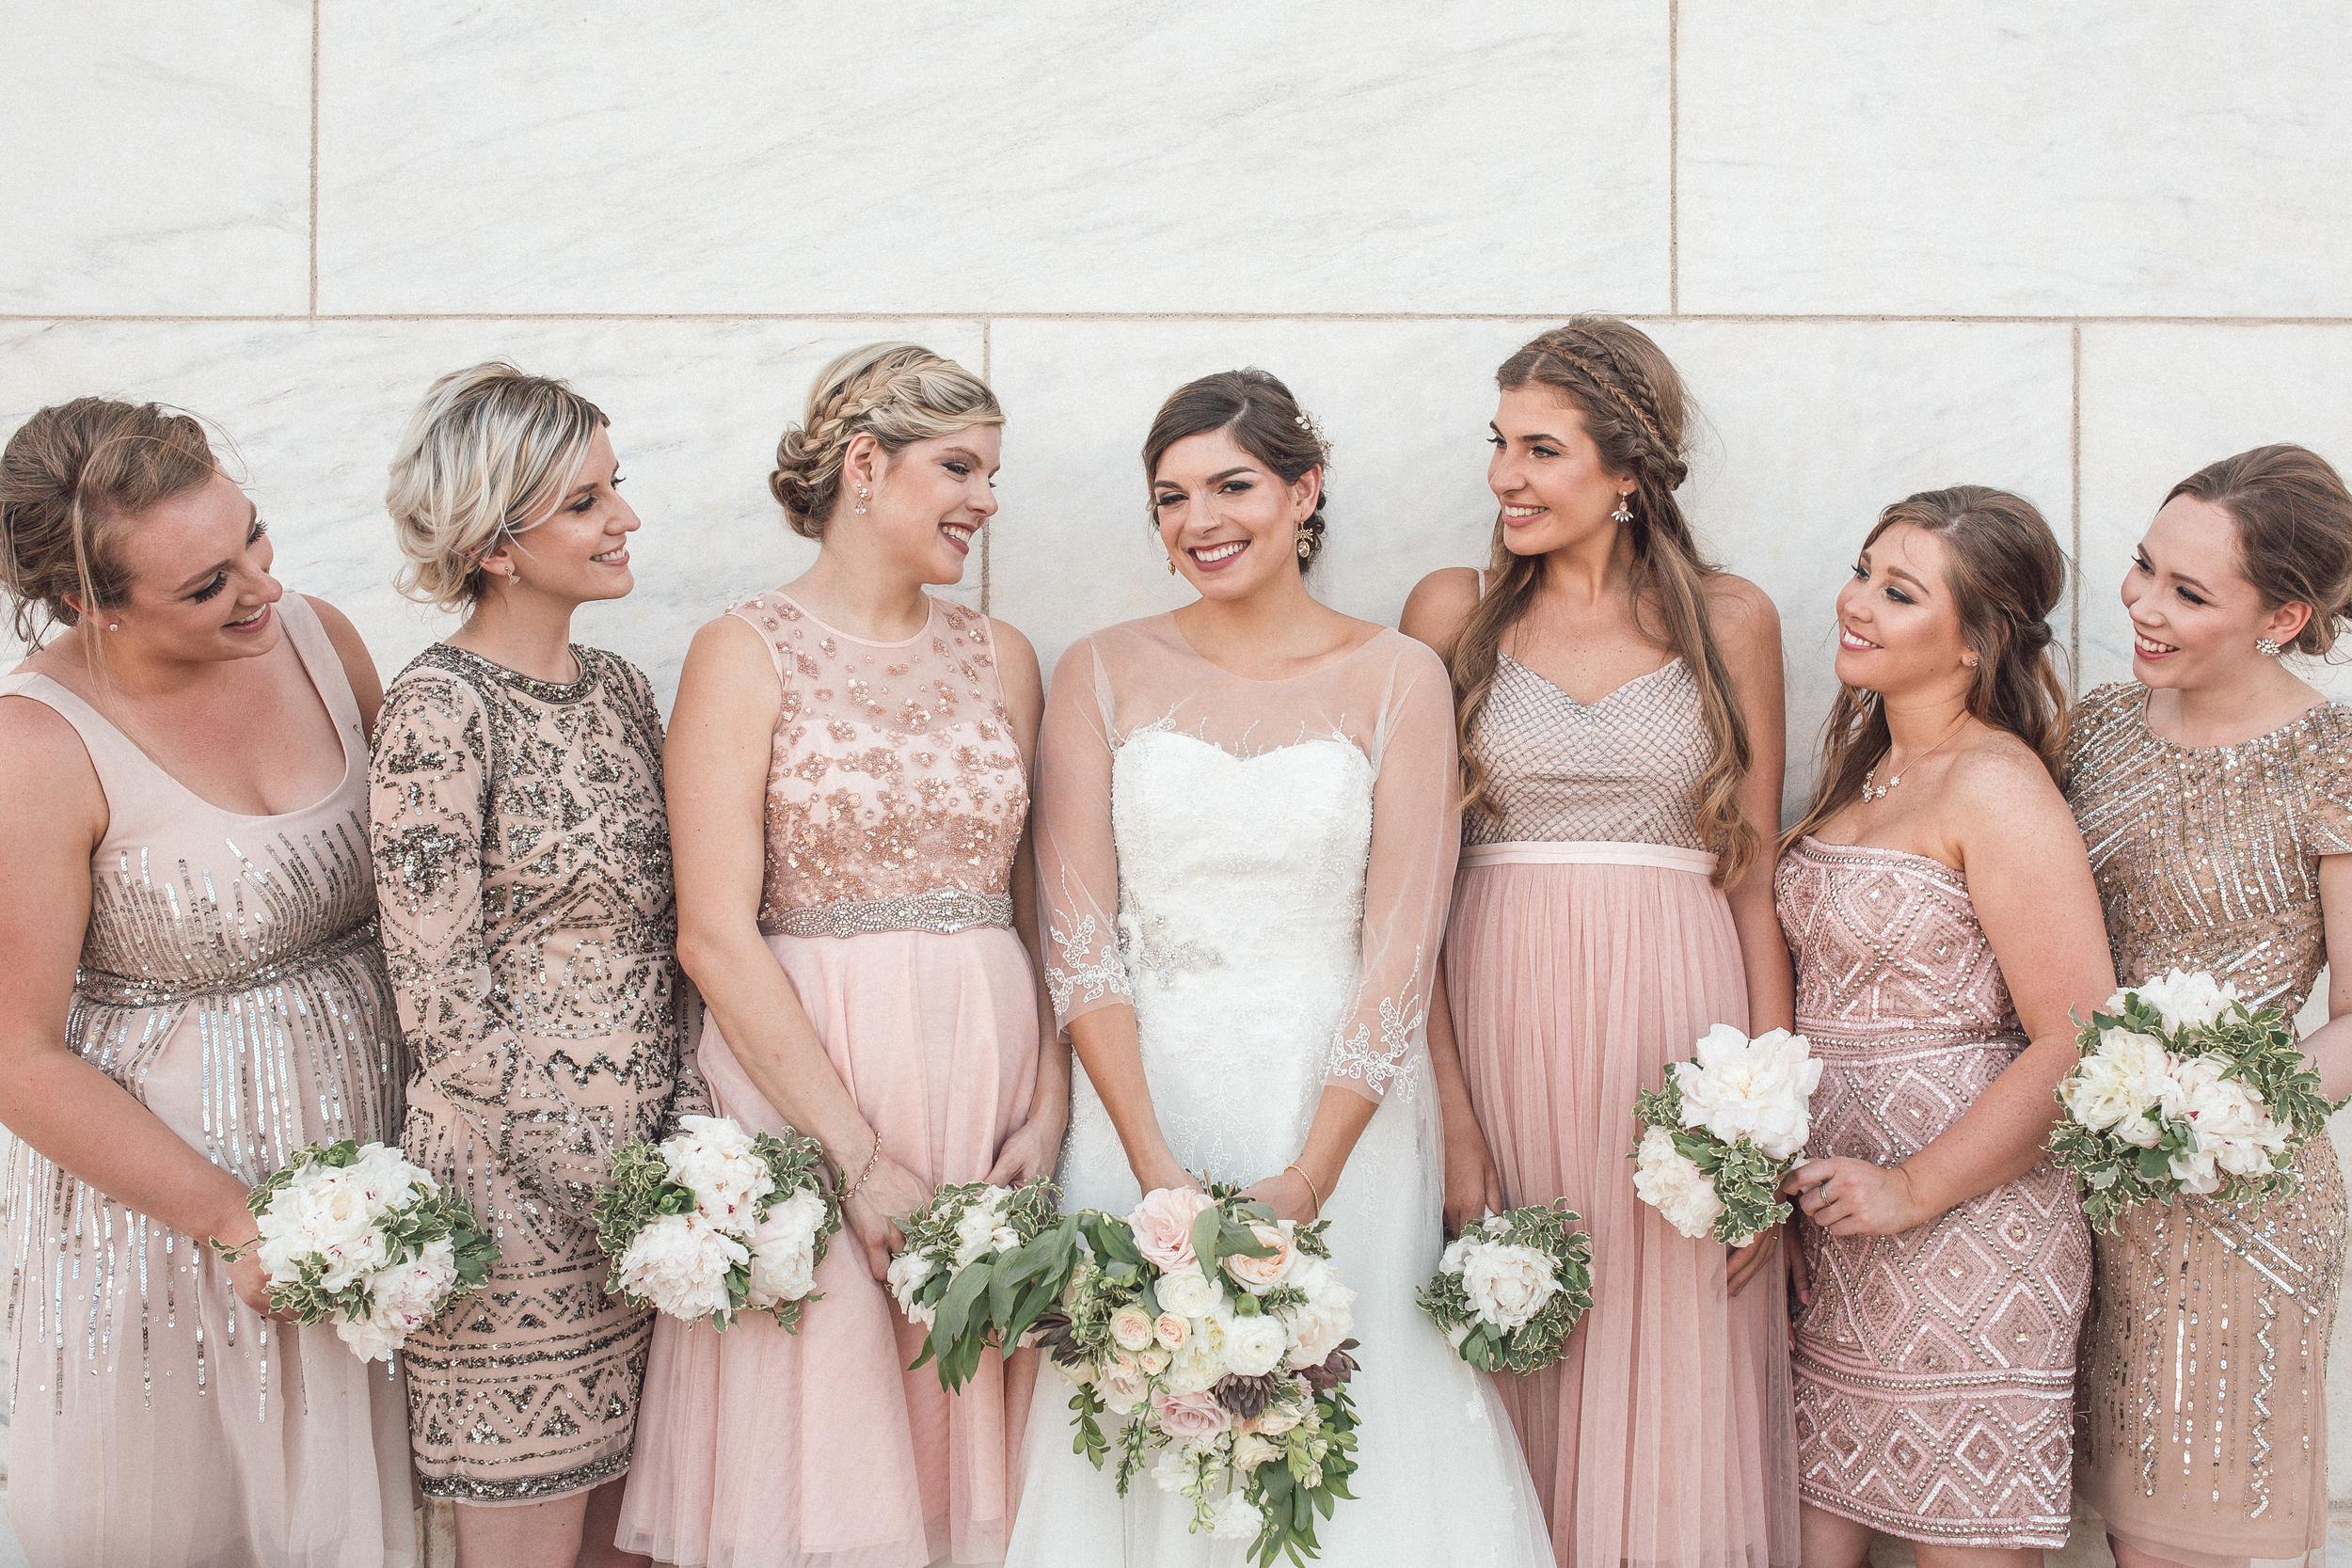 Wedding Editorial Bride's Maids